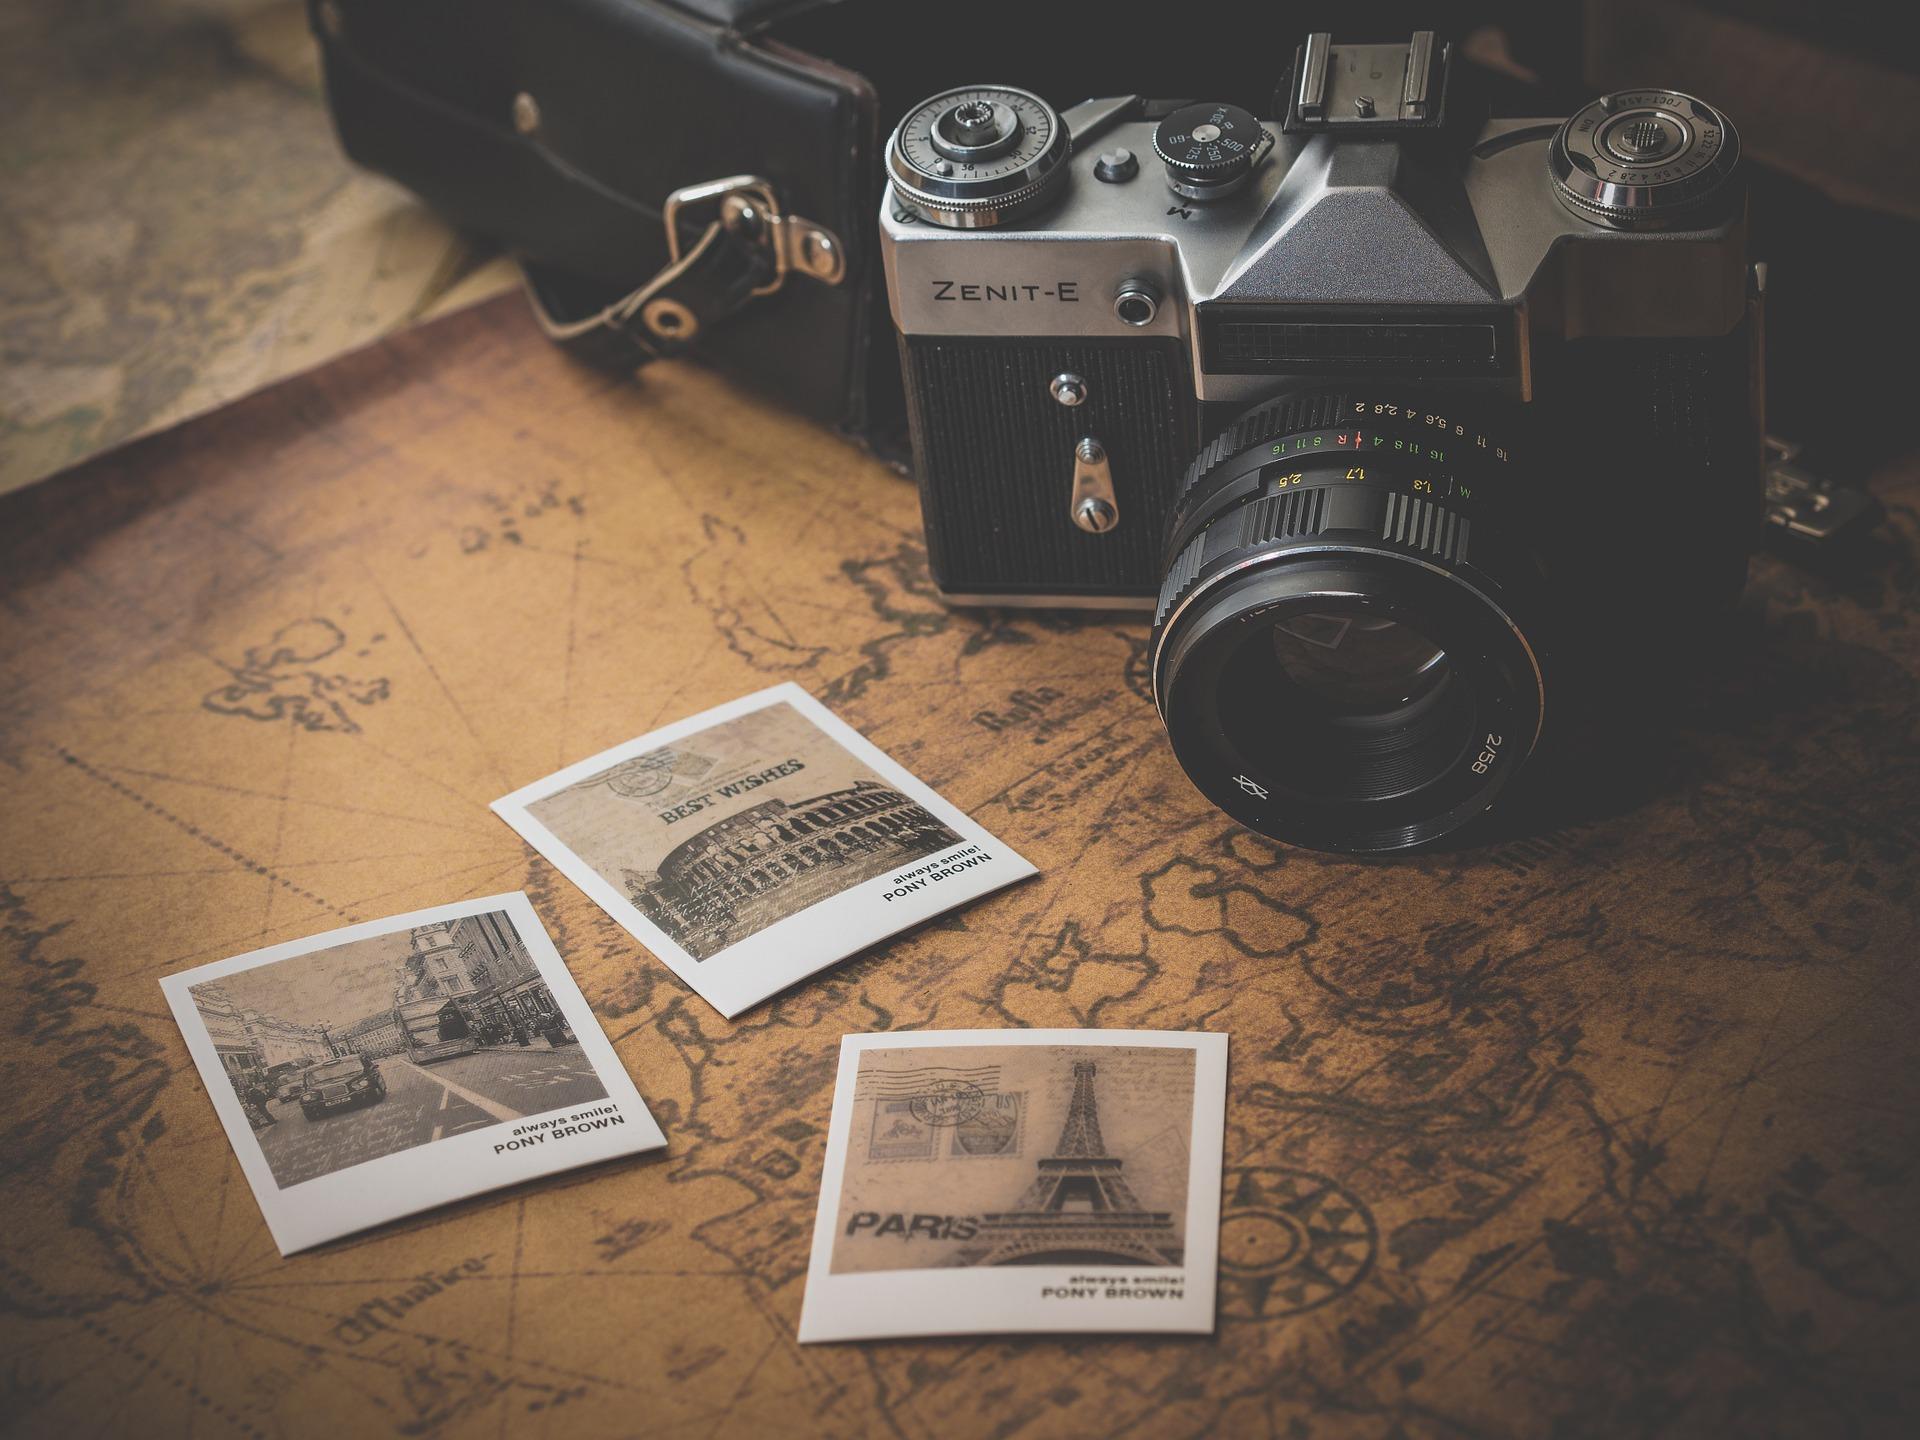 Hacer fotografías con nuestra cámara